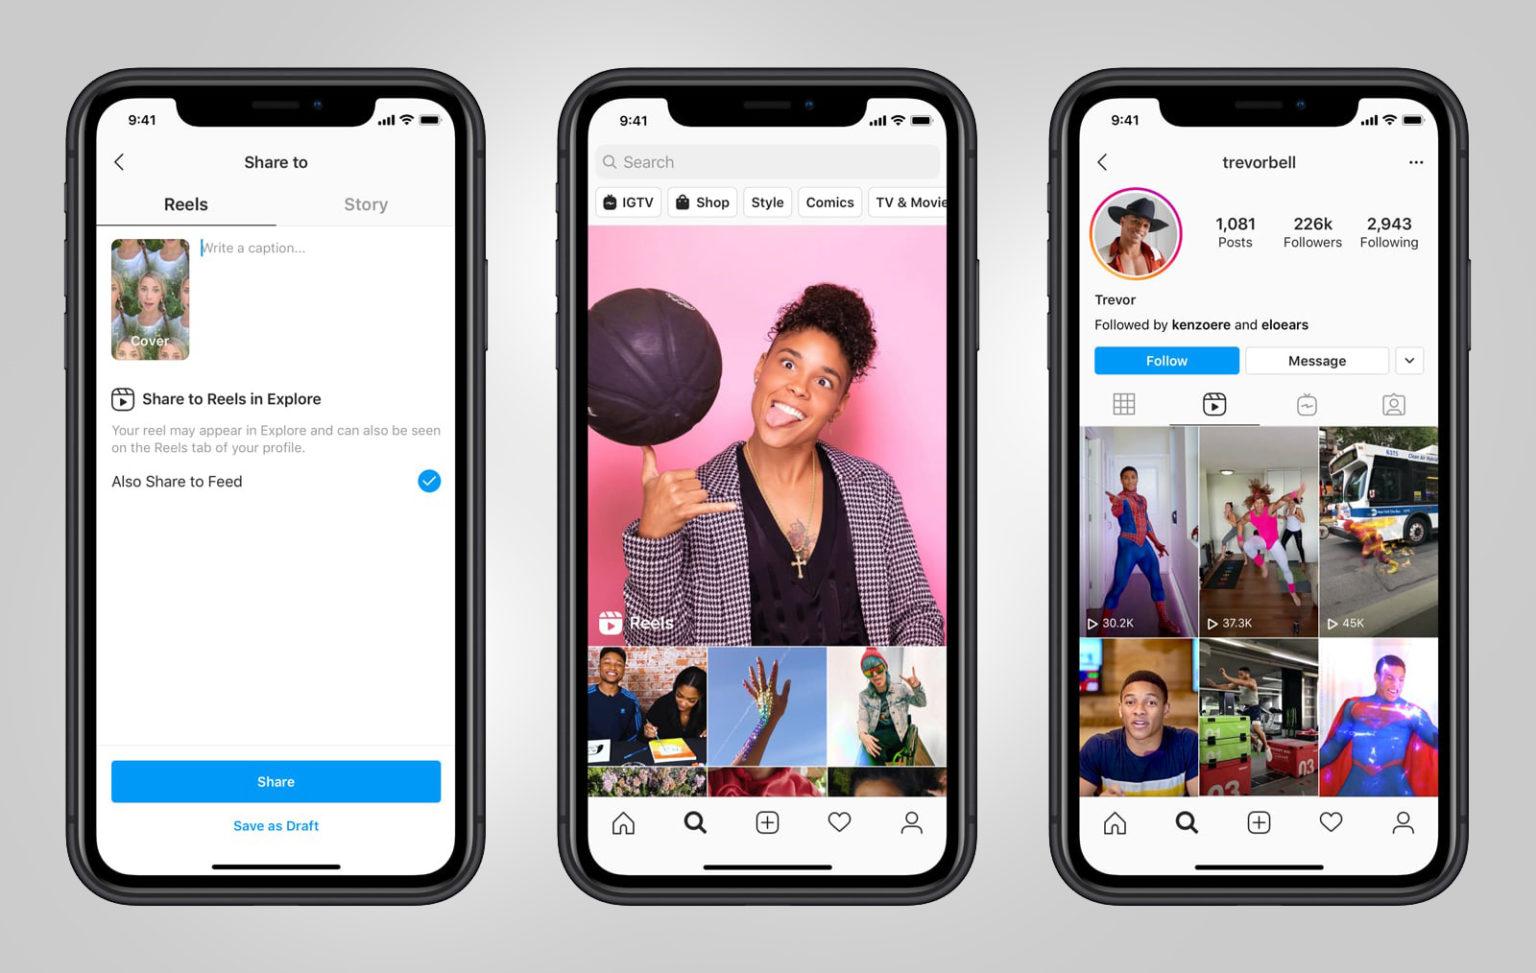 Hướng dẫn cách sử dụng Instagram dành cho người mới bắt đầu